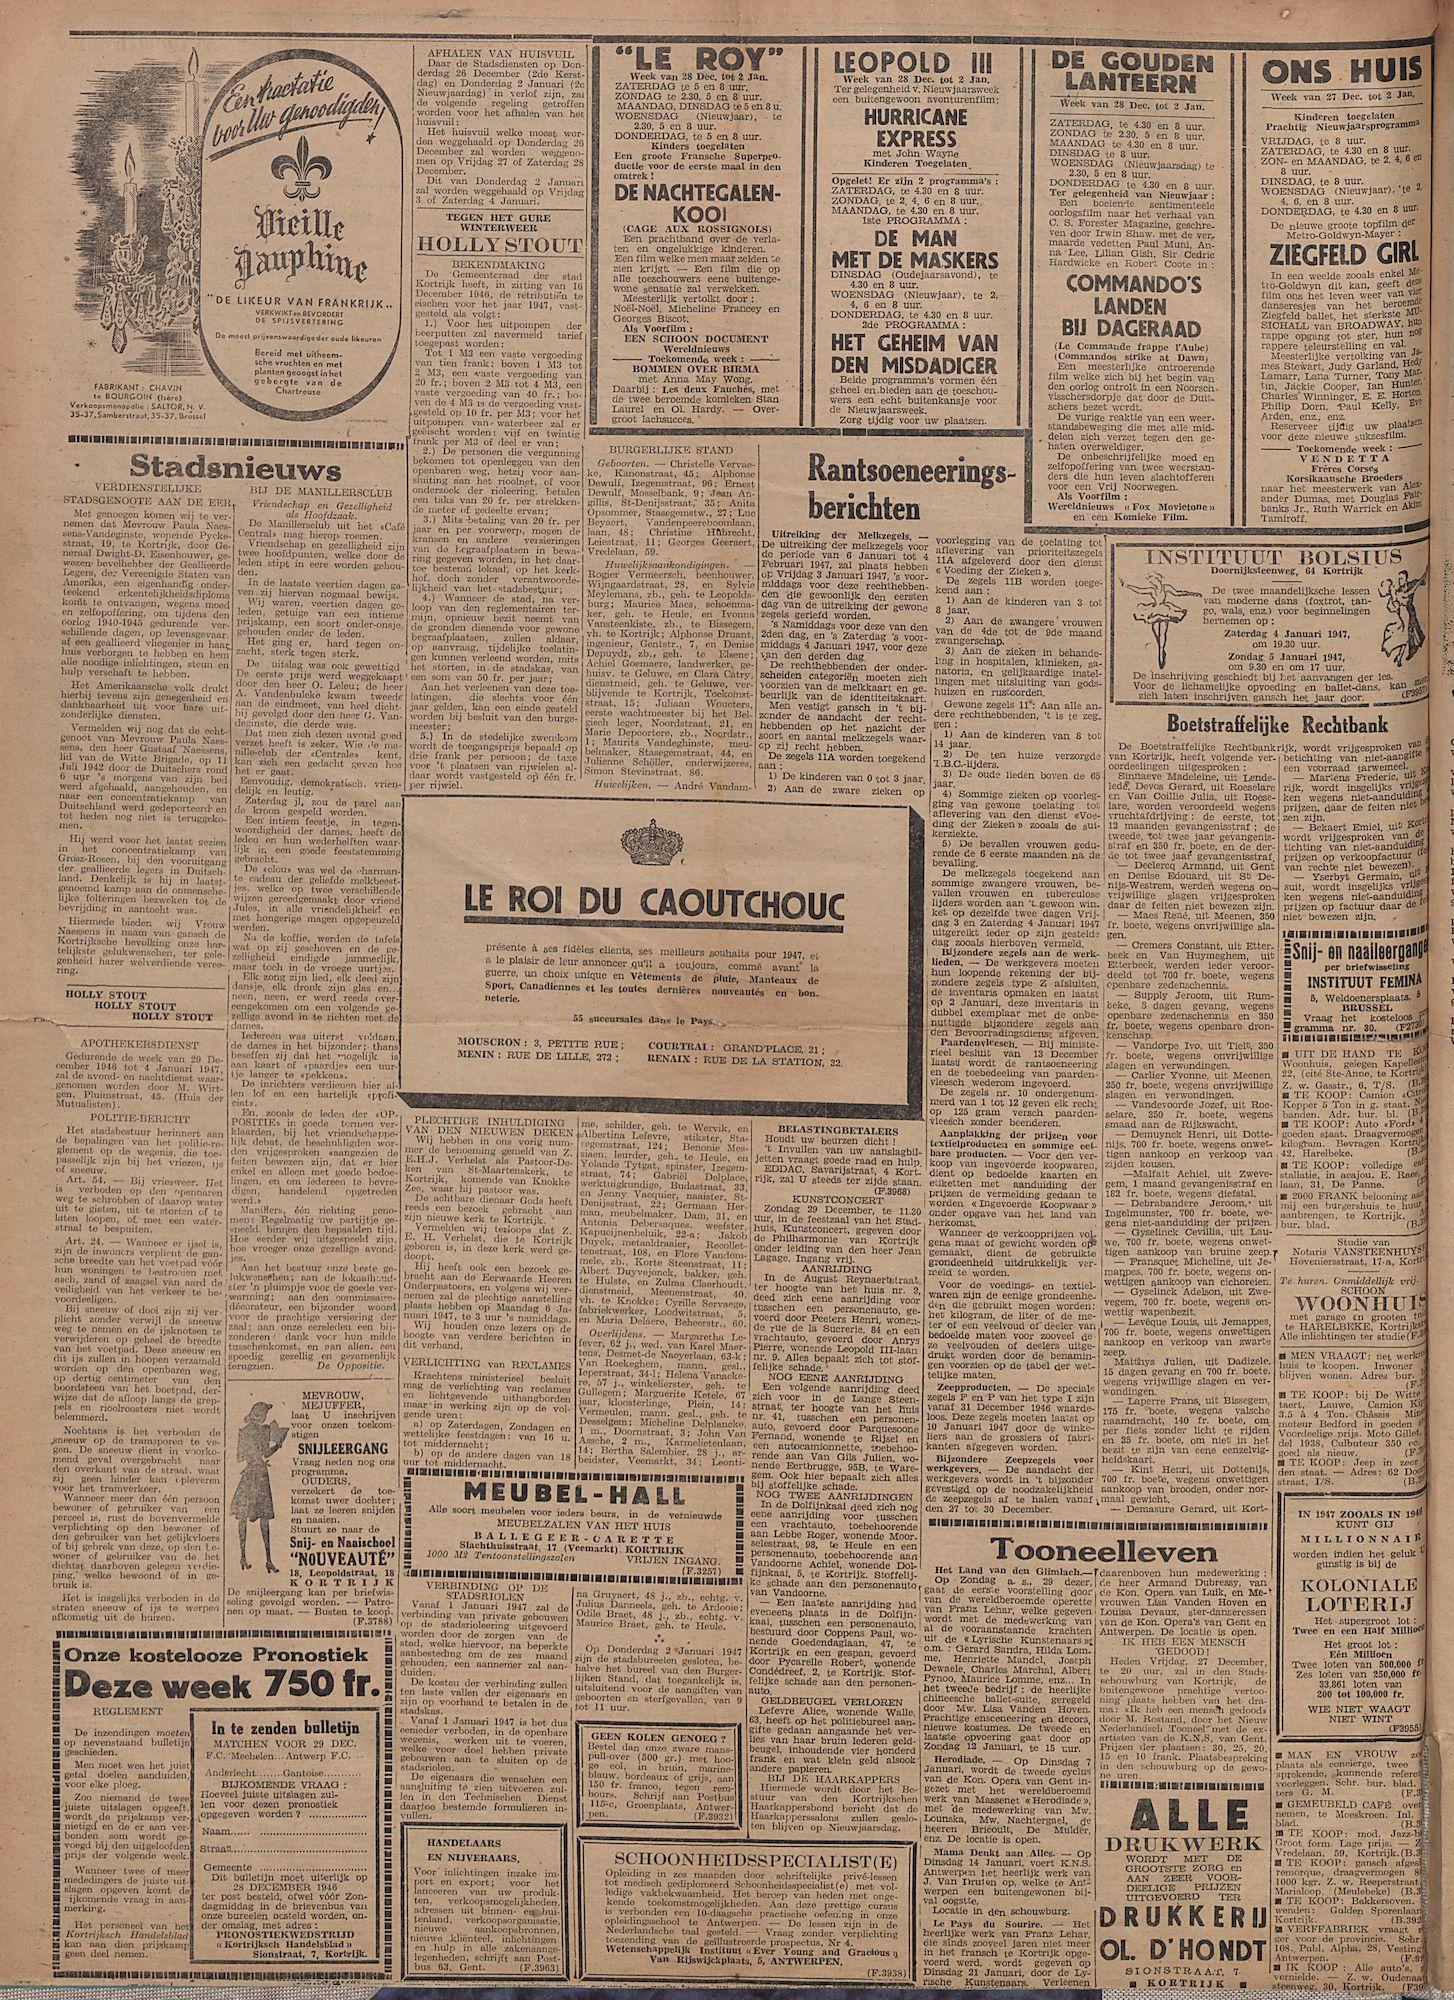 Kortrijksch Handelsblad 27 december 1946 Nr104 p2